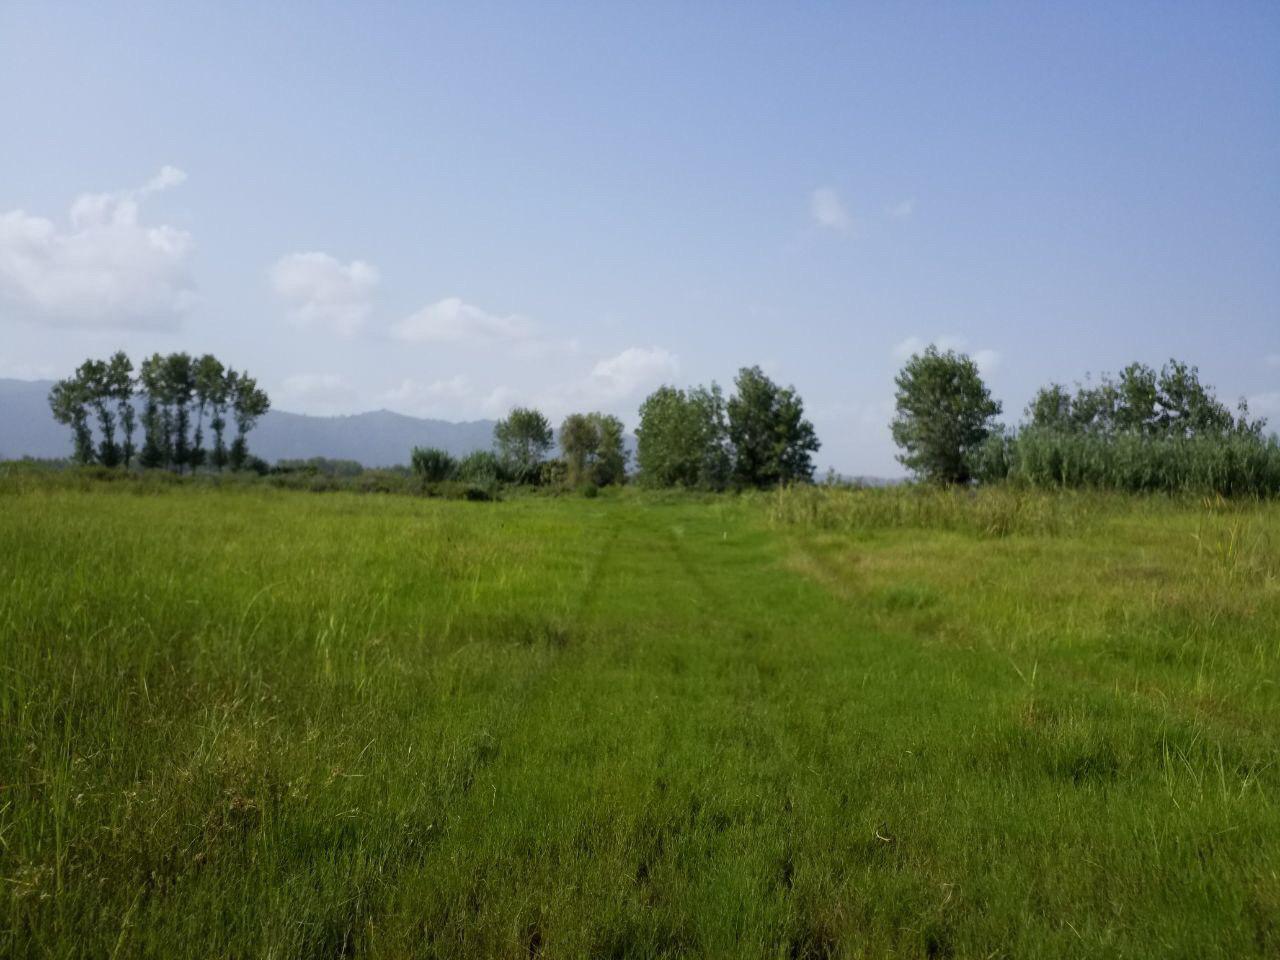 فروش 23 هزار متر زمین شالیزار بایر در گیلان